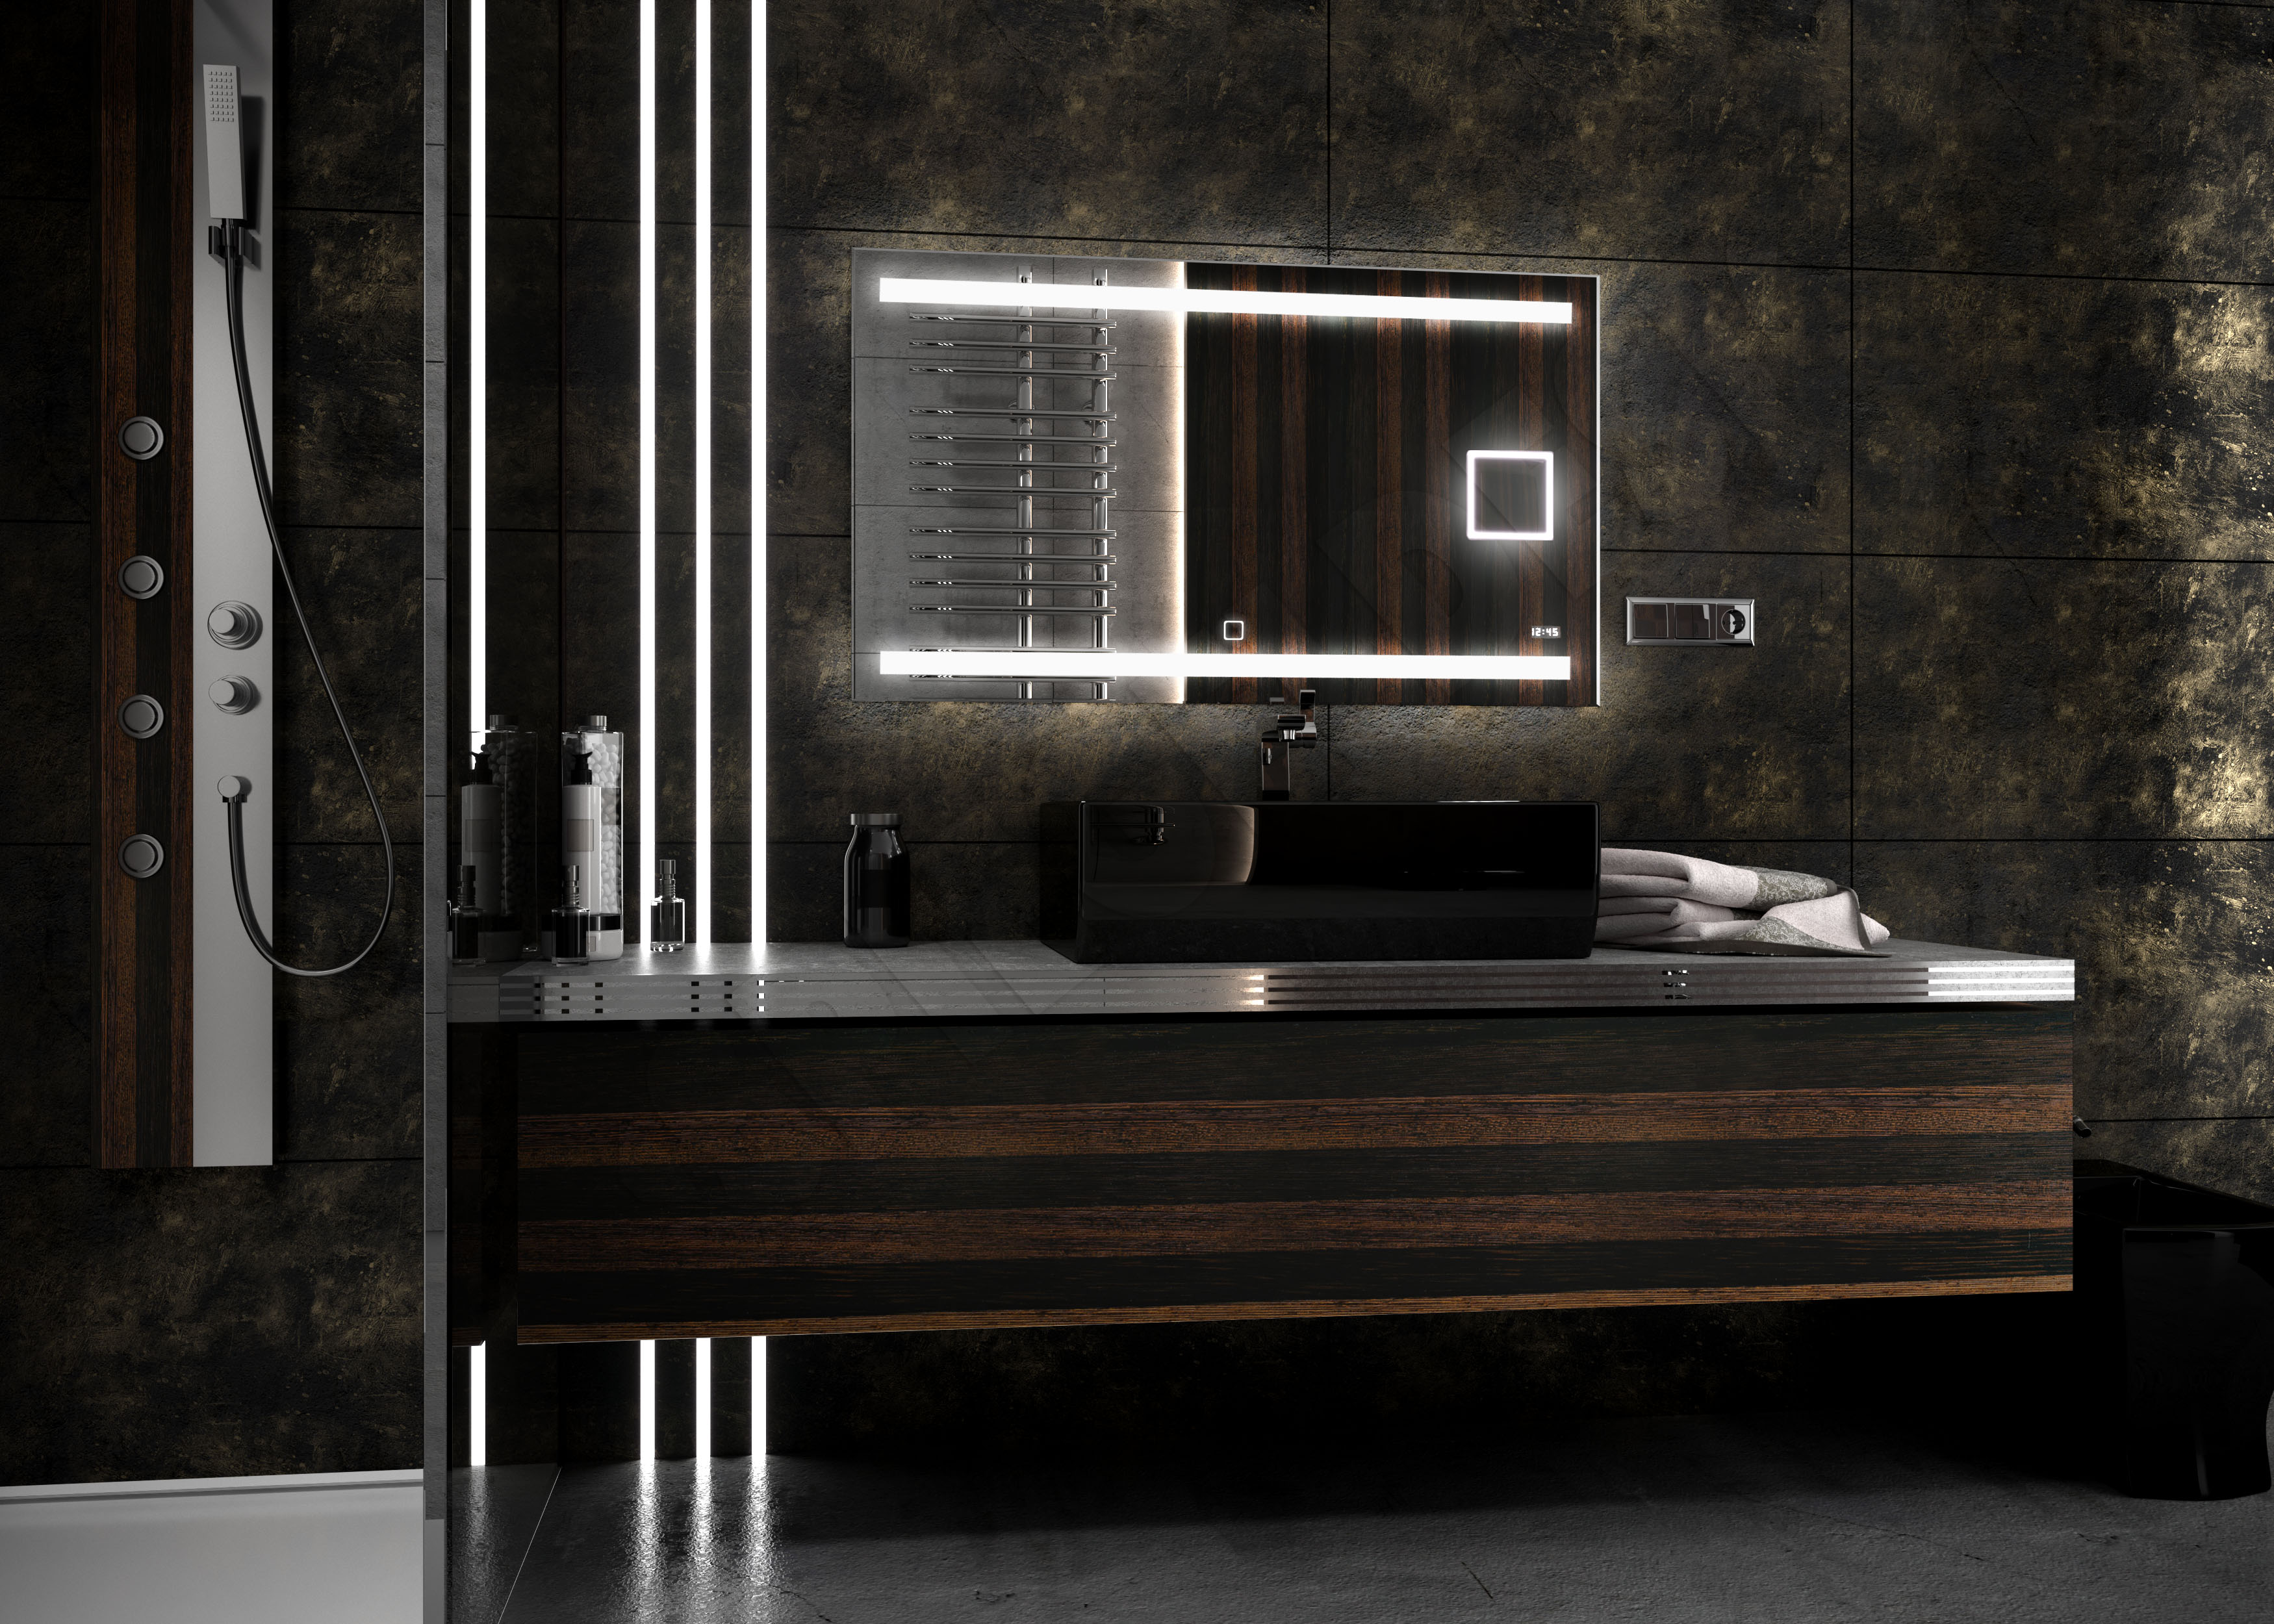 39 revoled 39 kosmetikspiegel uhr neu design led spiegel mit leduhr badspiegel ebay